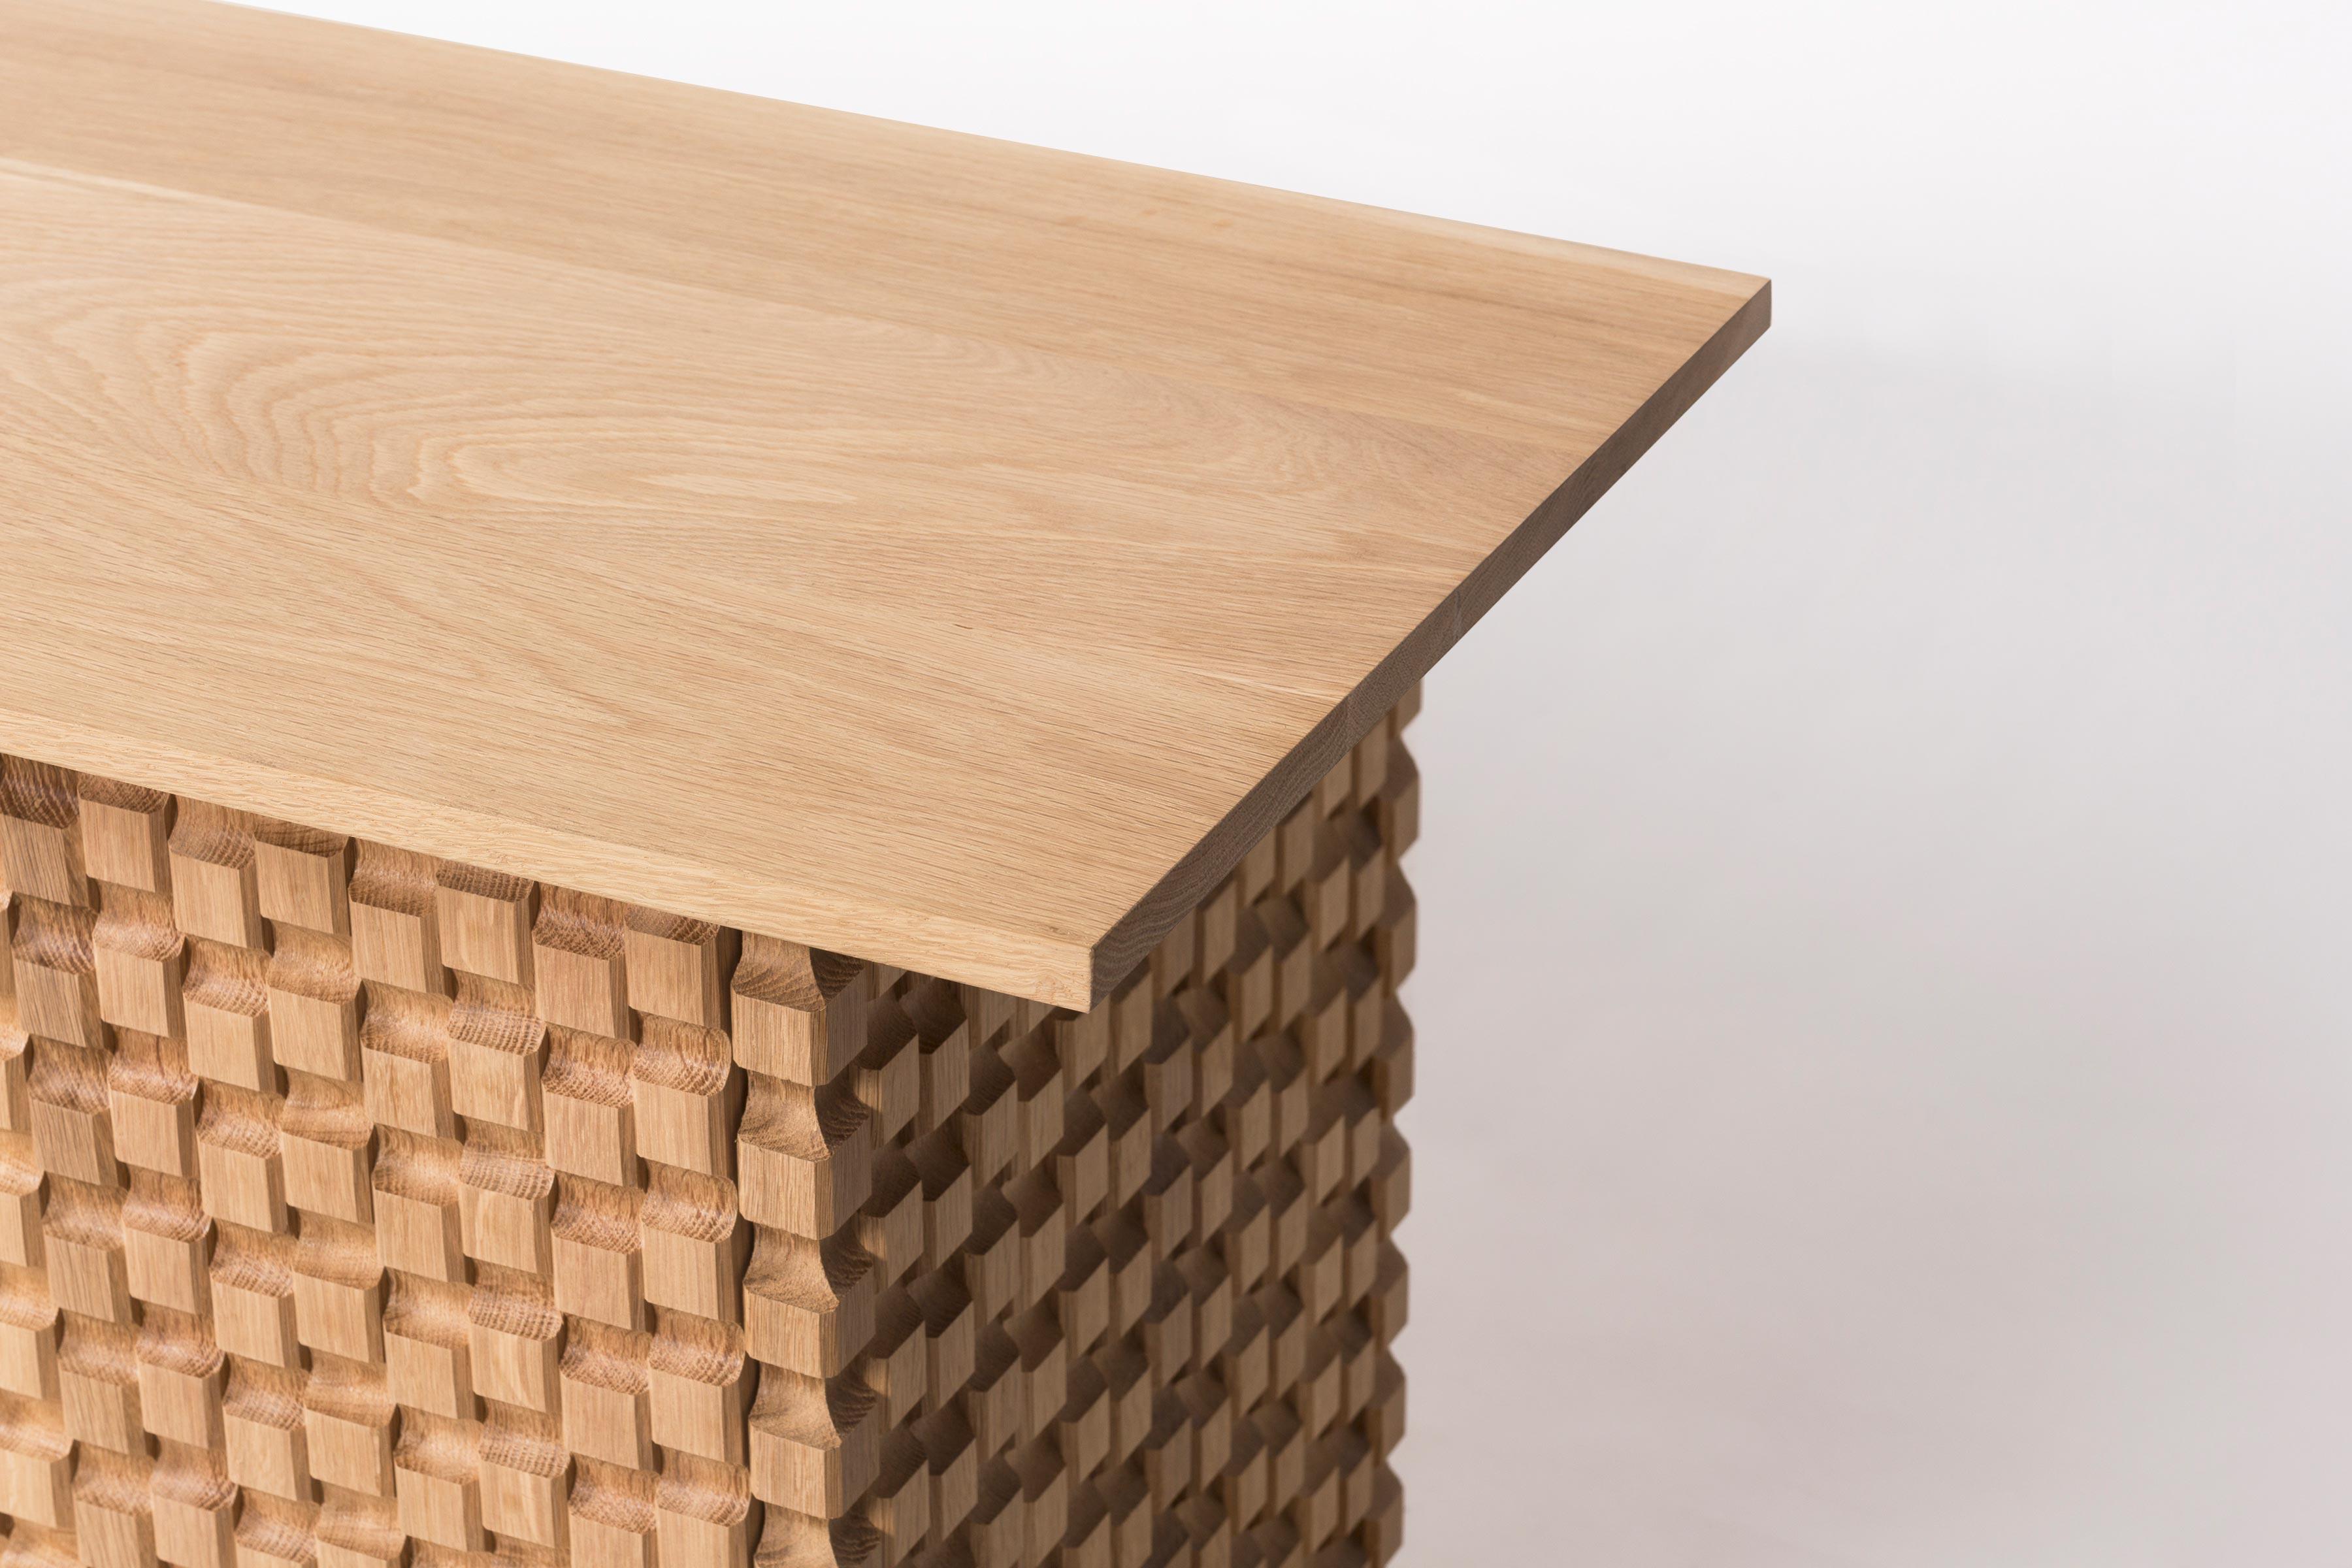 Atelier de Troupe - Kasba Sideboard